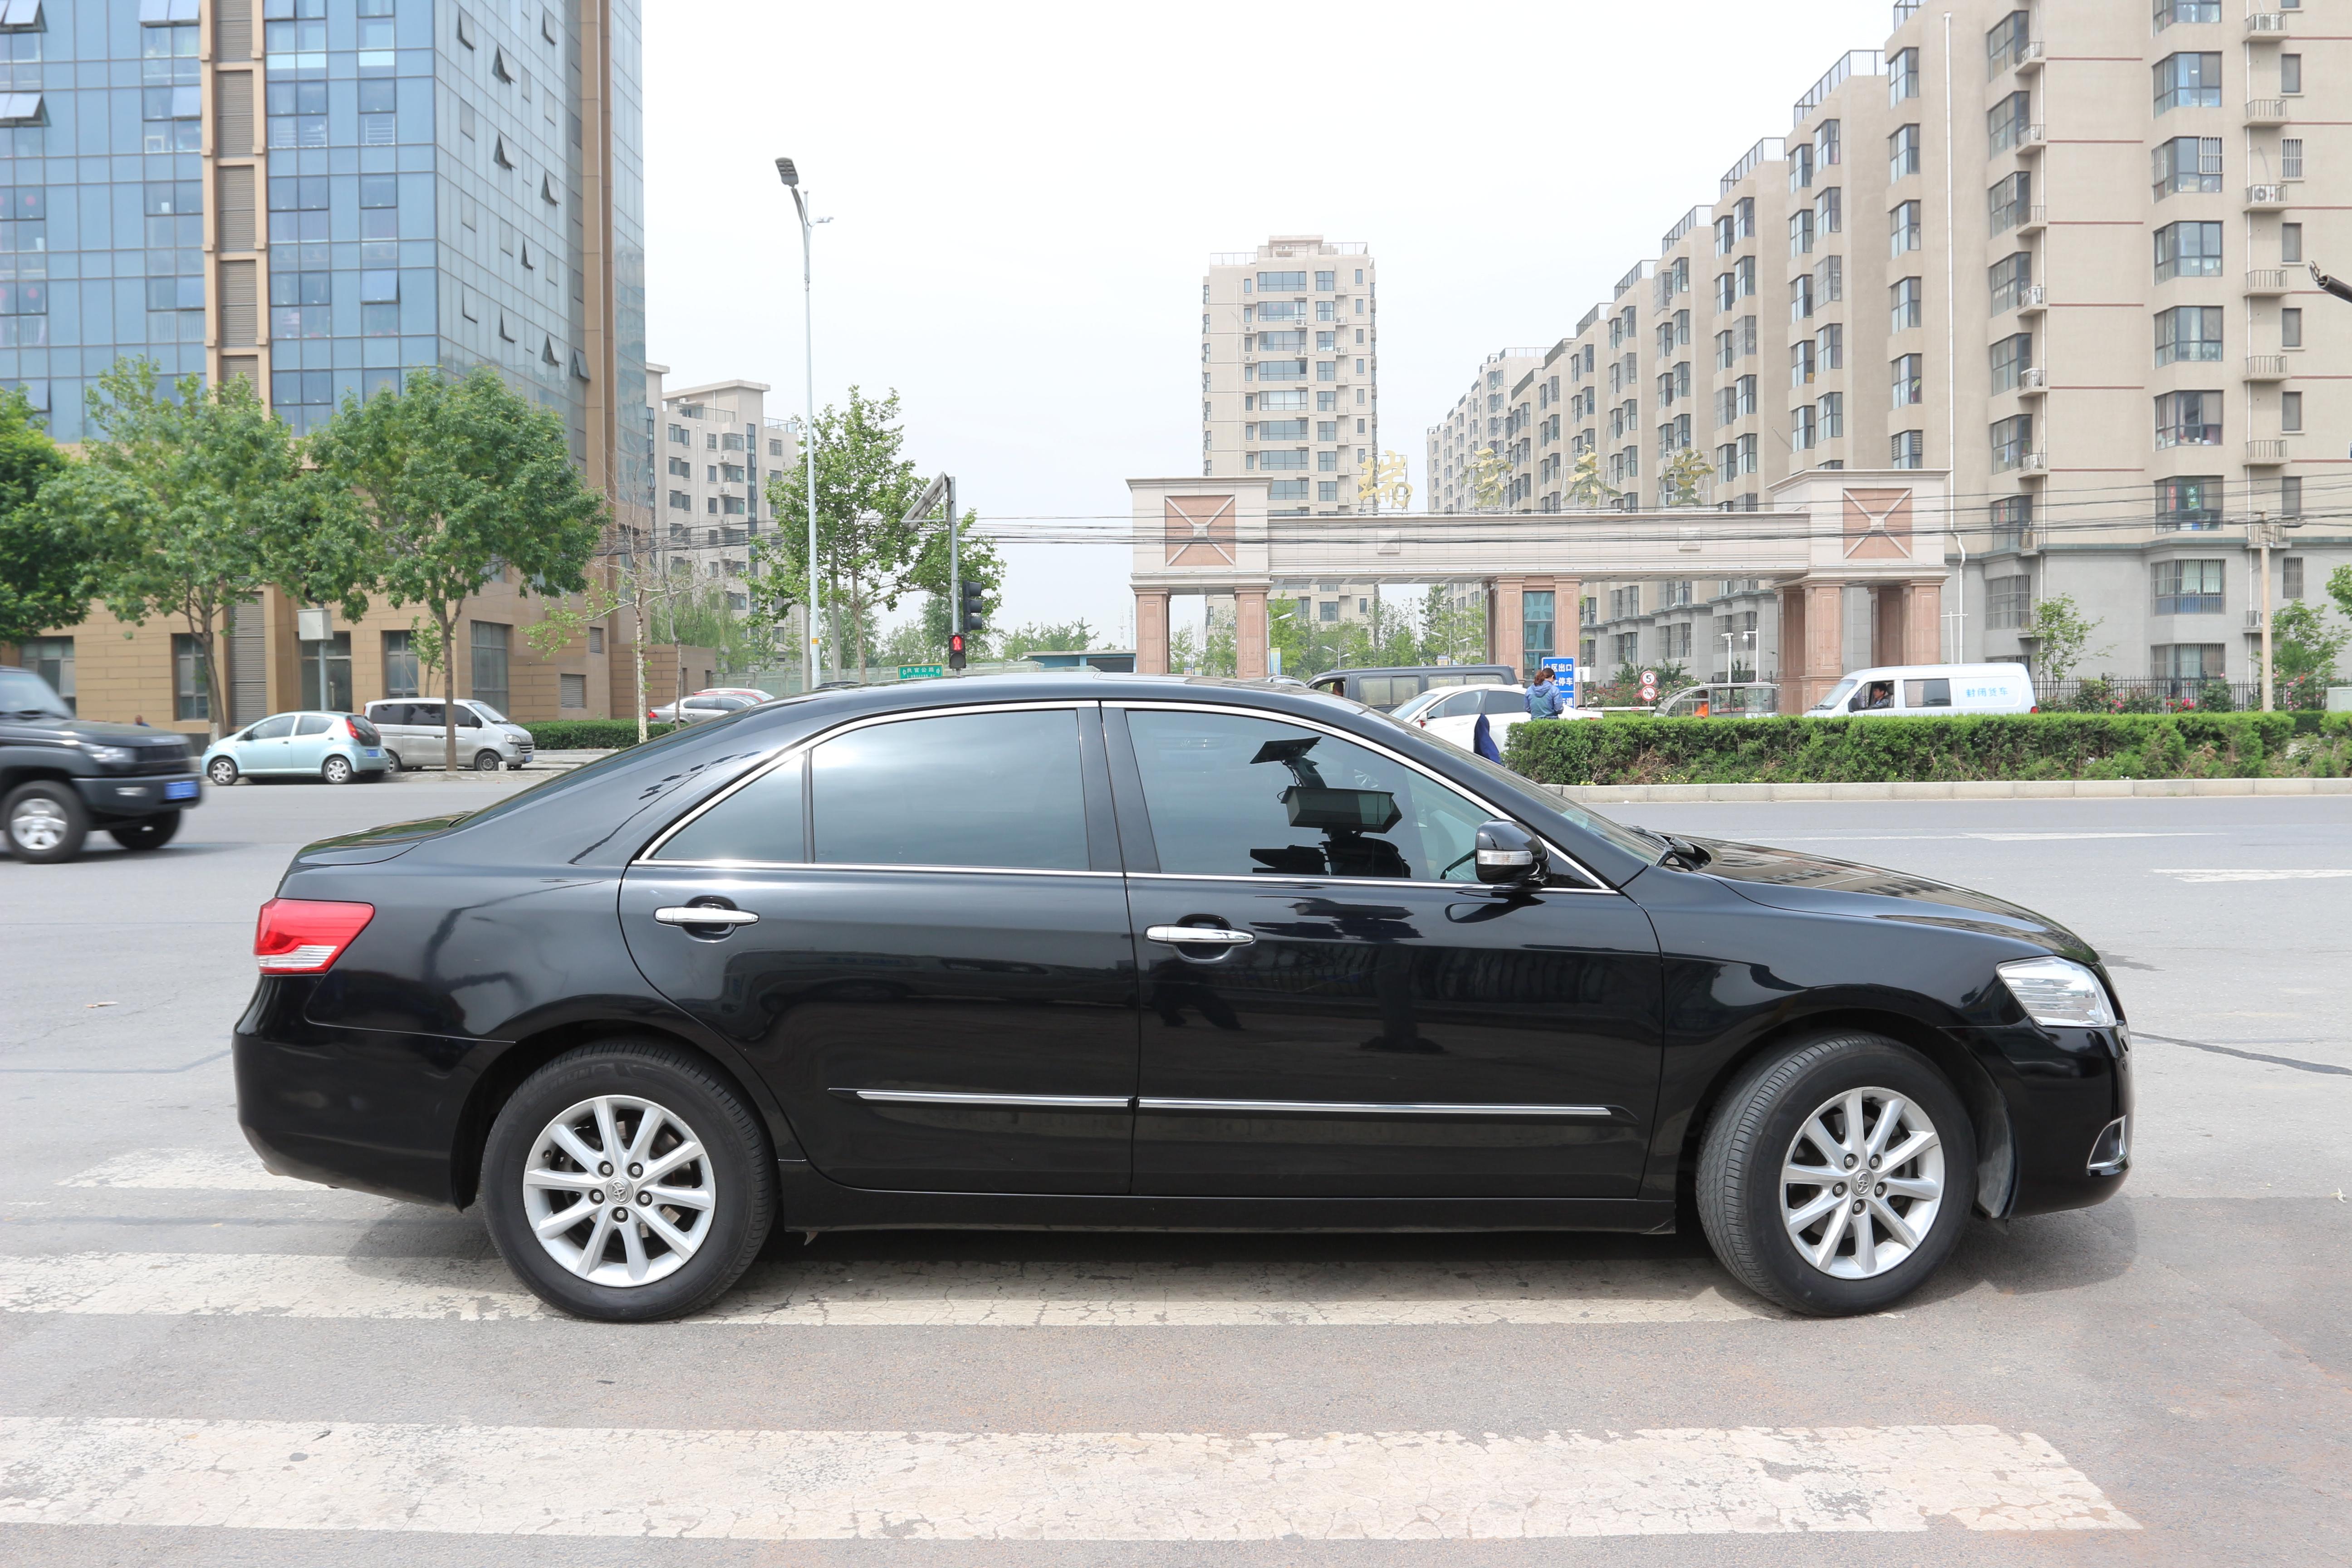 丰田-凯美瑞 2010款2.4l amt豪华版